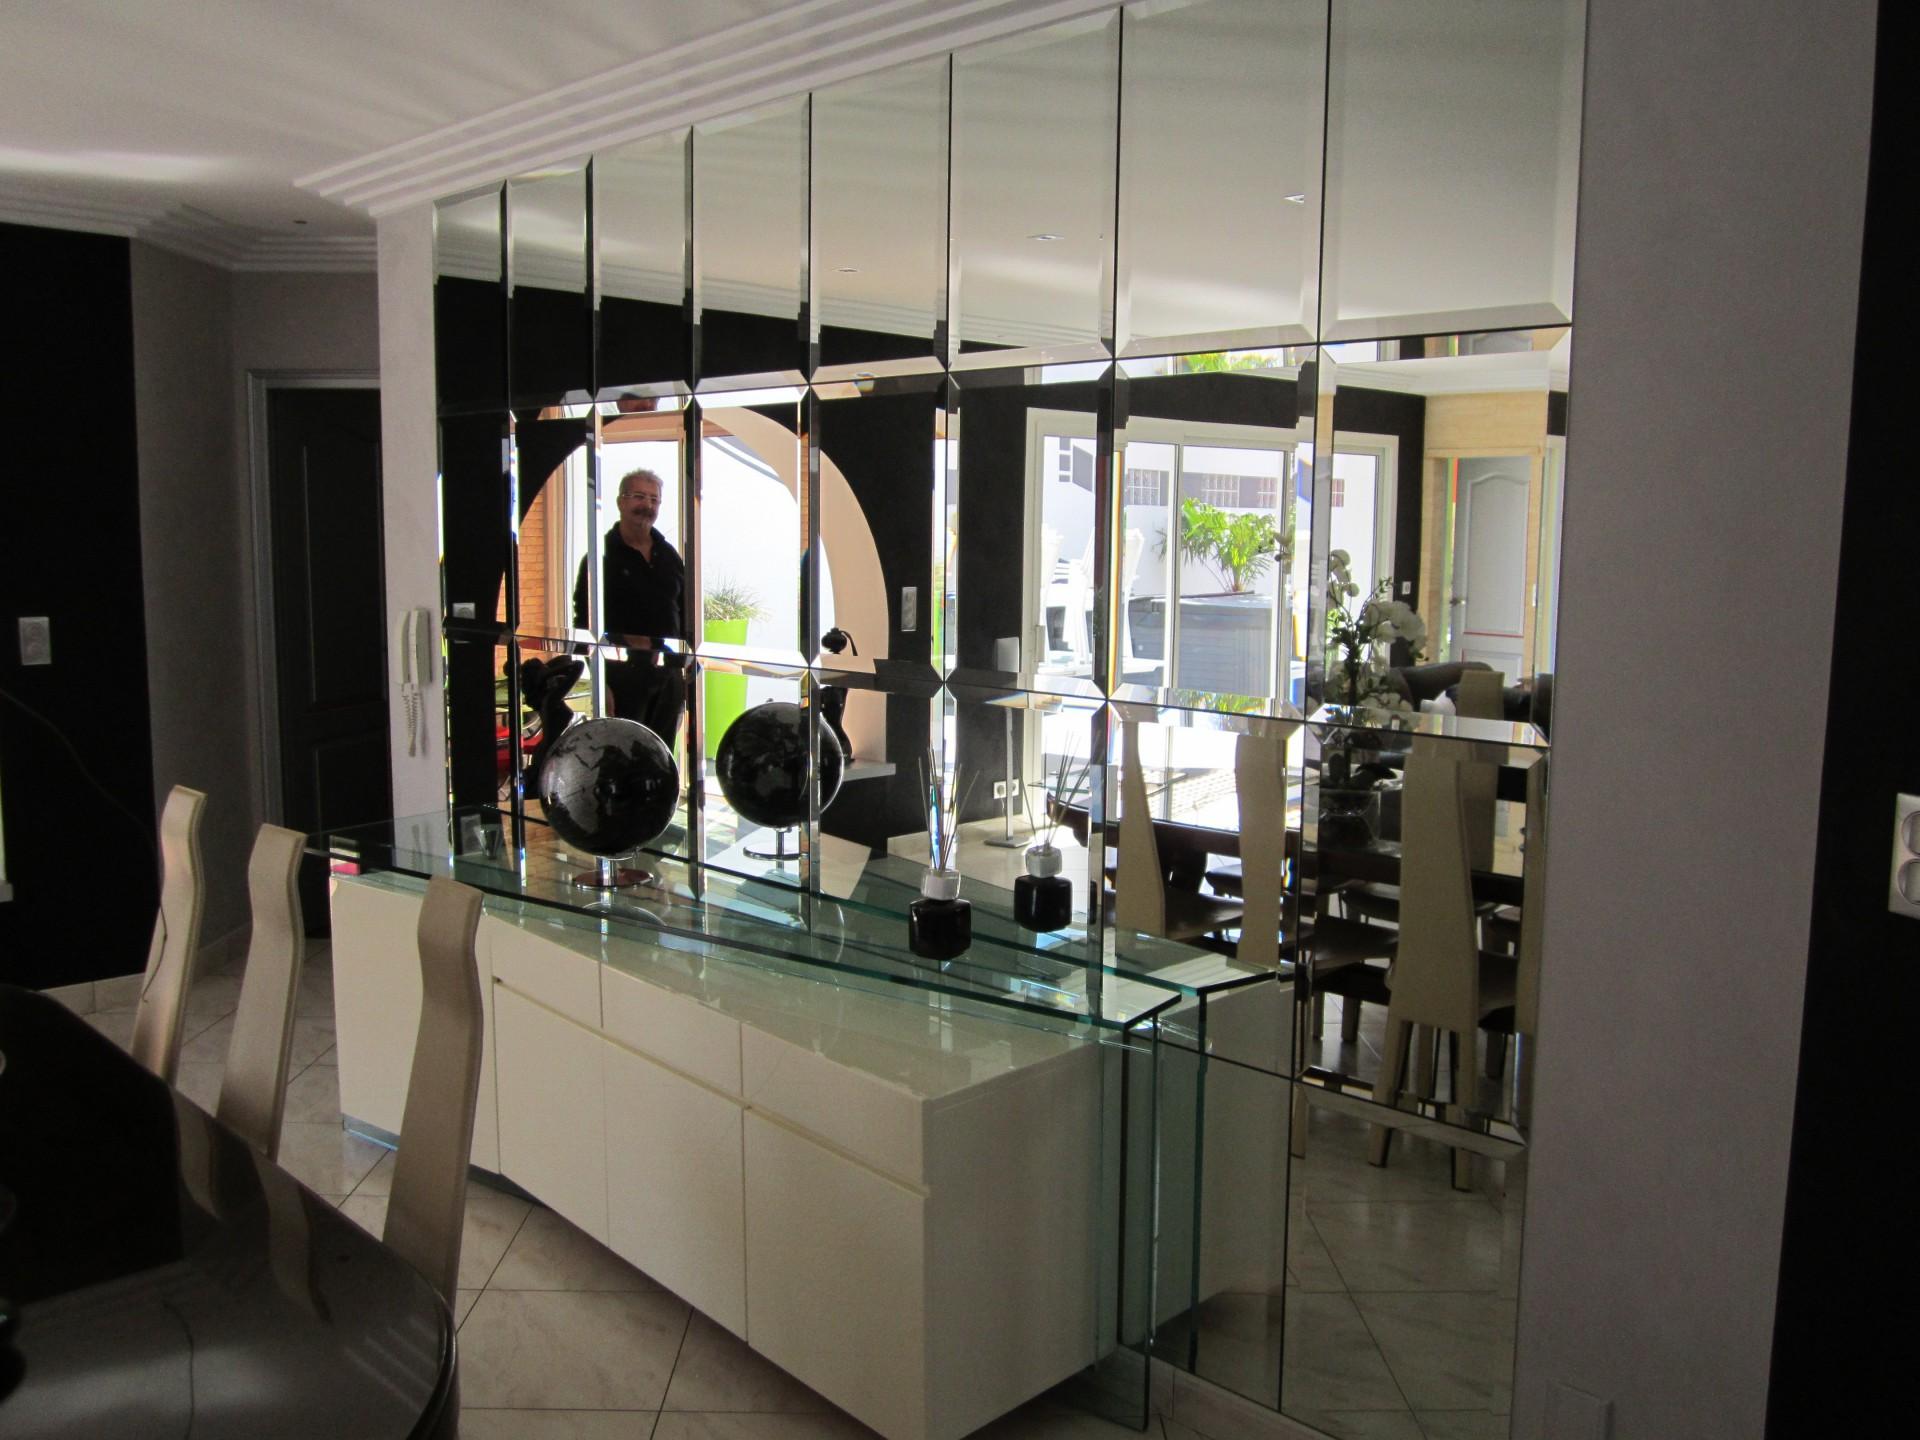 Miroir sur mesure - Miroiterie à La-Roche-Sur-Yon - Miroitier 85